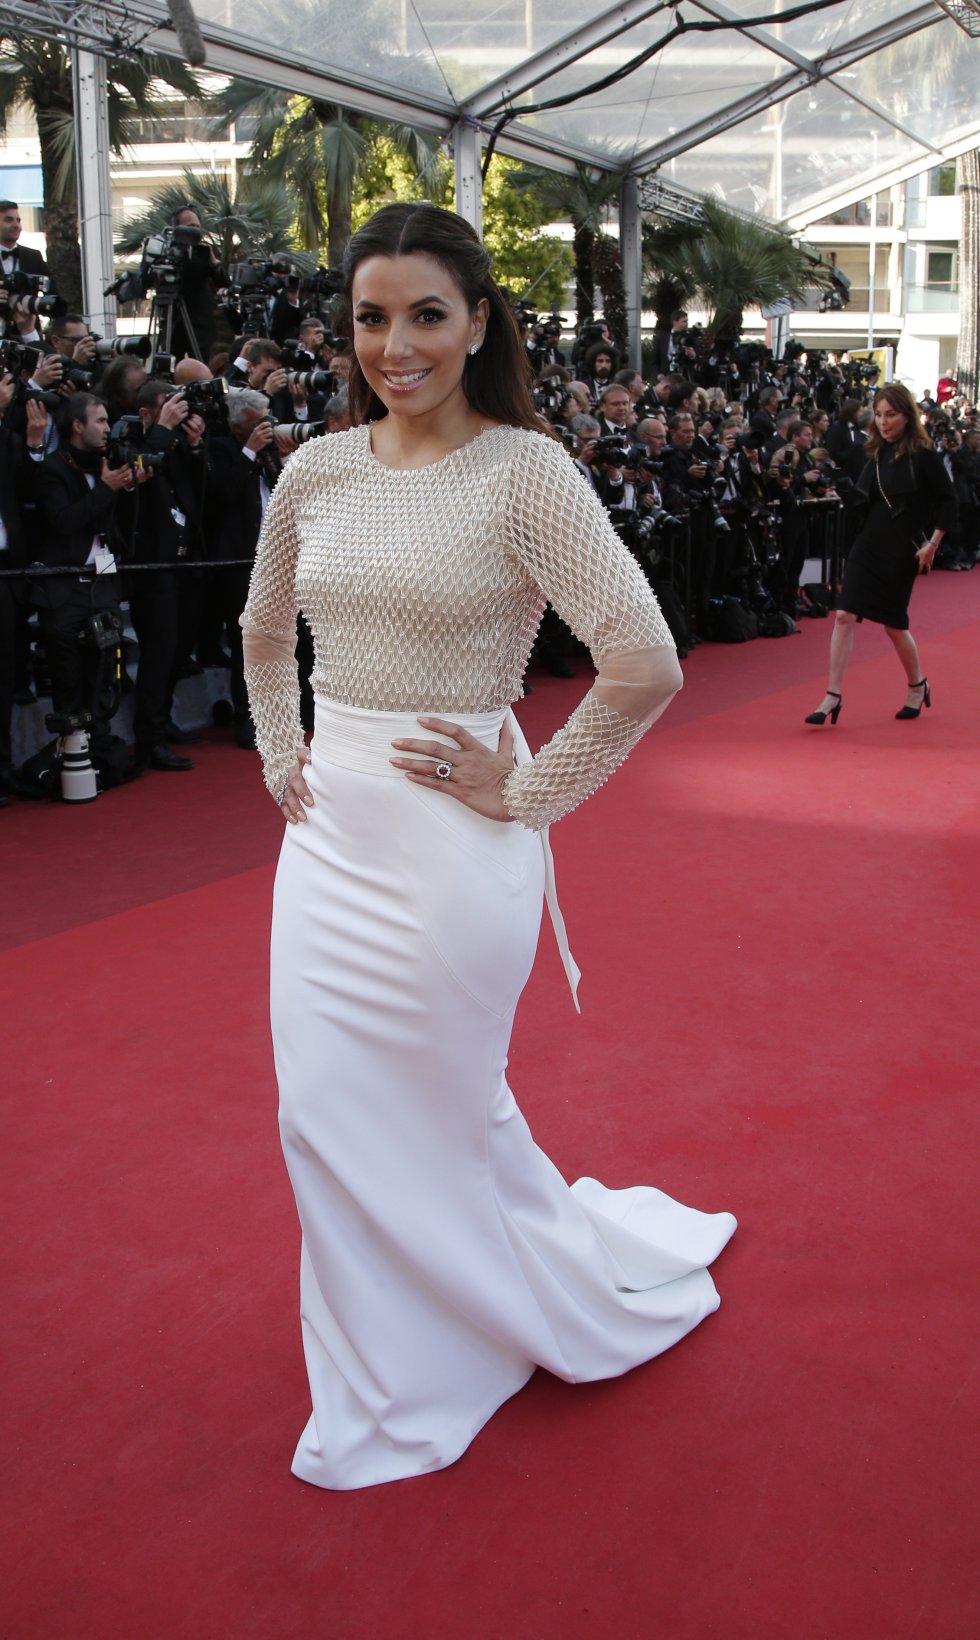 Eva Longoria es una actriz de cine y televisión. Se hizo famosa por interpretar el papel de Gabrielle Solís en la serie de televisión Amas de casa desesperadas.